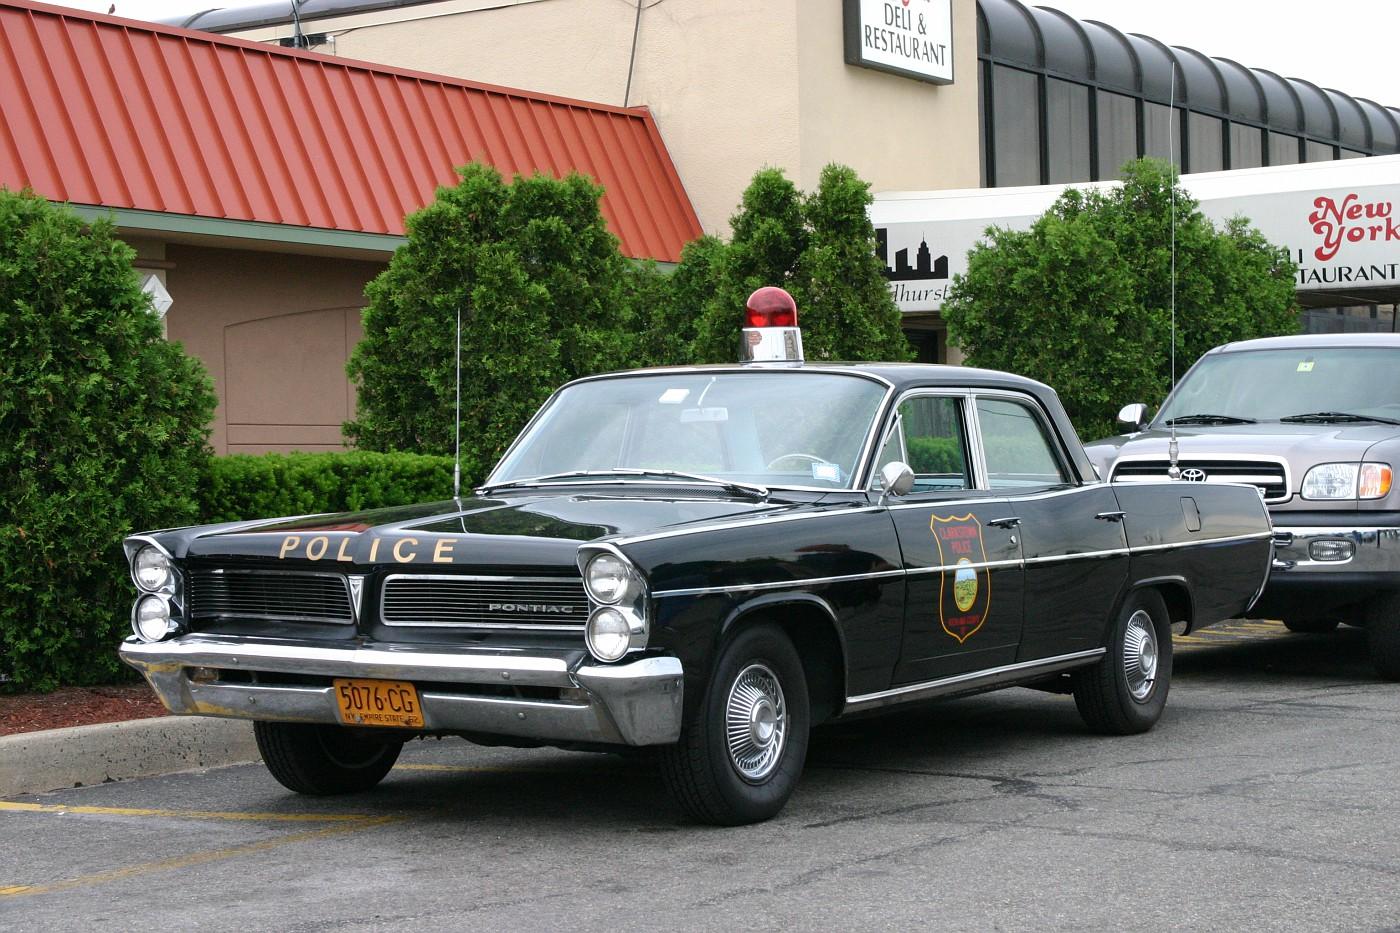 NY - Clarkstown Police